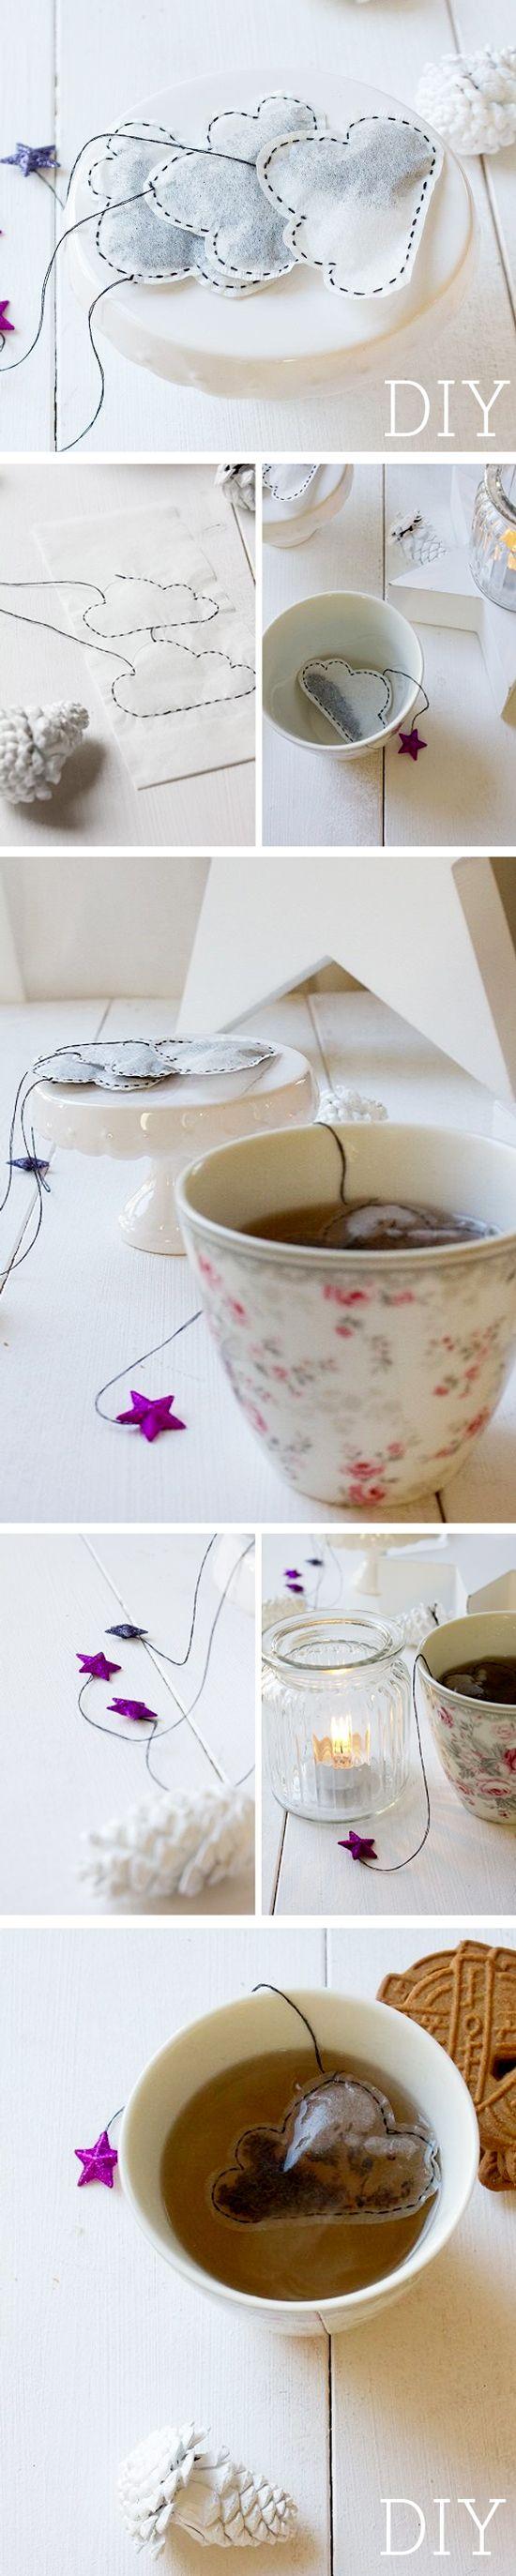 #TUTO : idée cadeau pour thé addict : les sachet de thé nuage !  #tea #gift #xmas #cloud